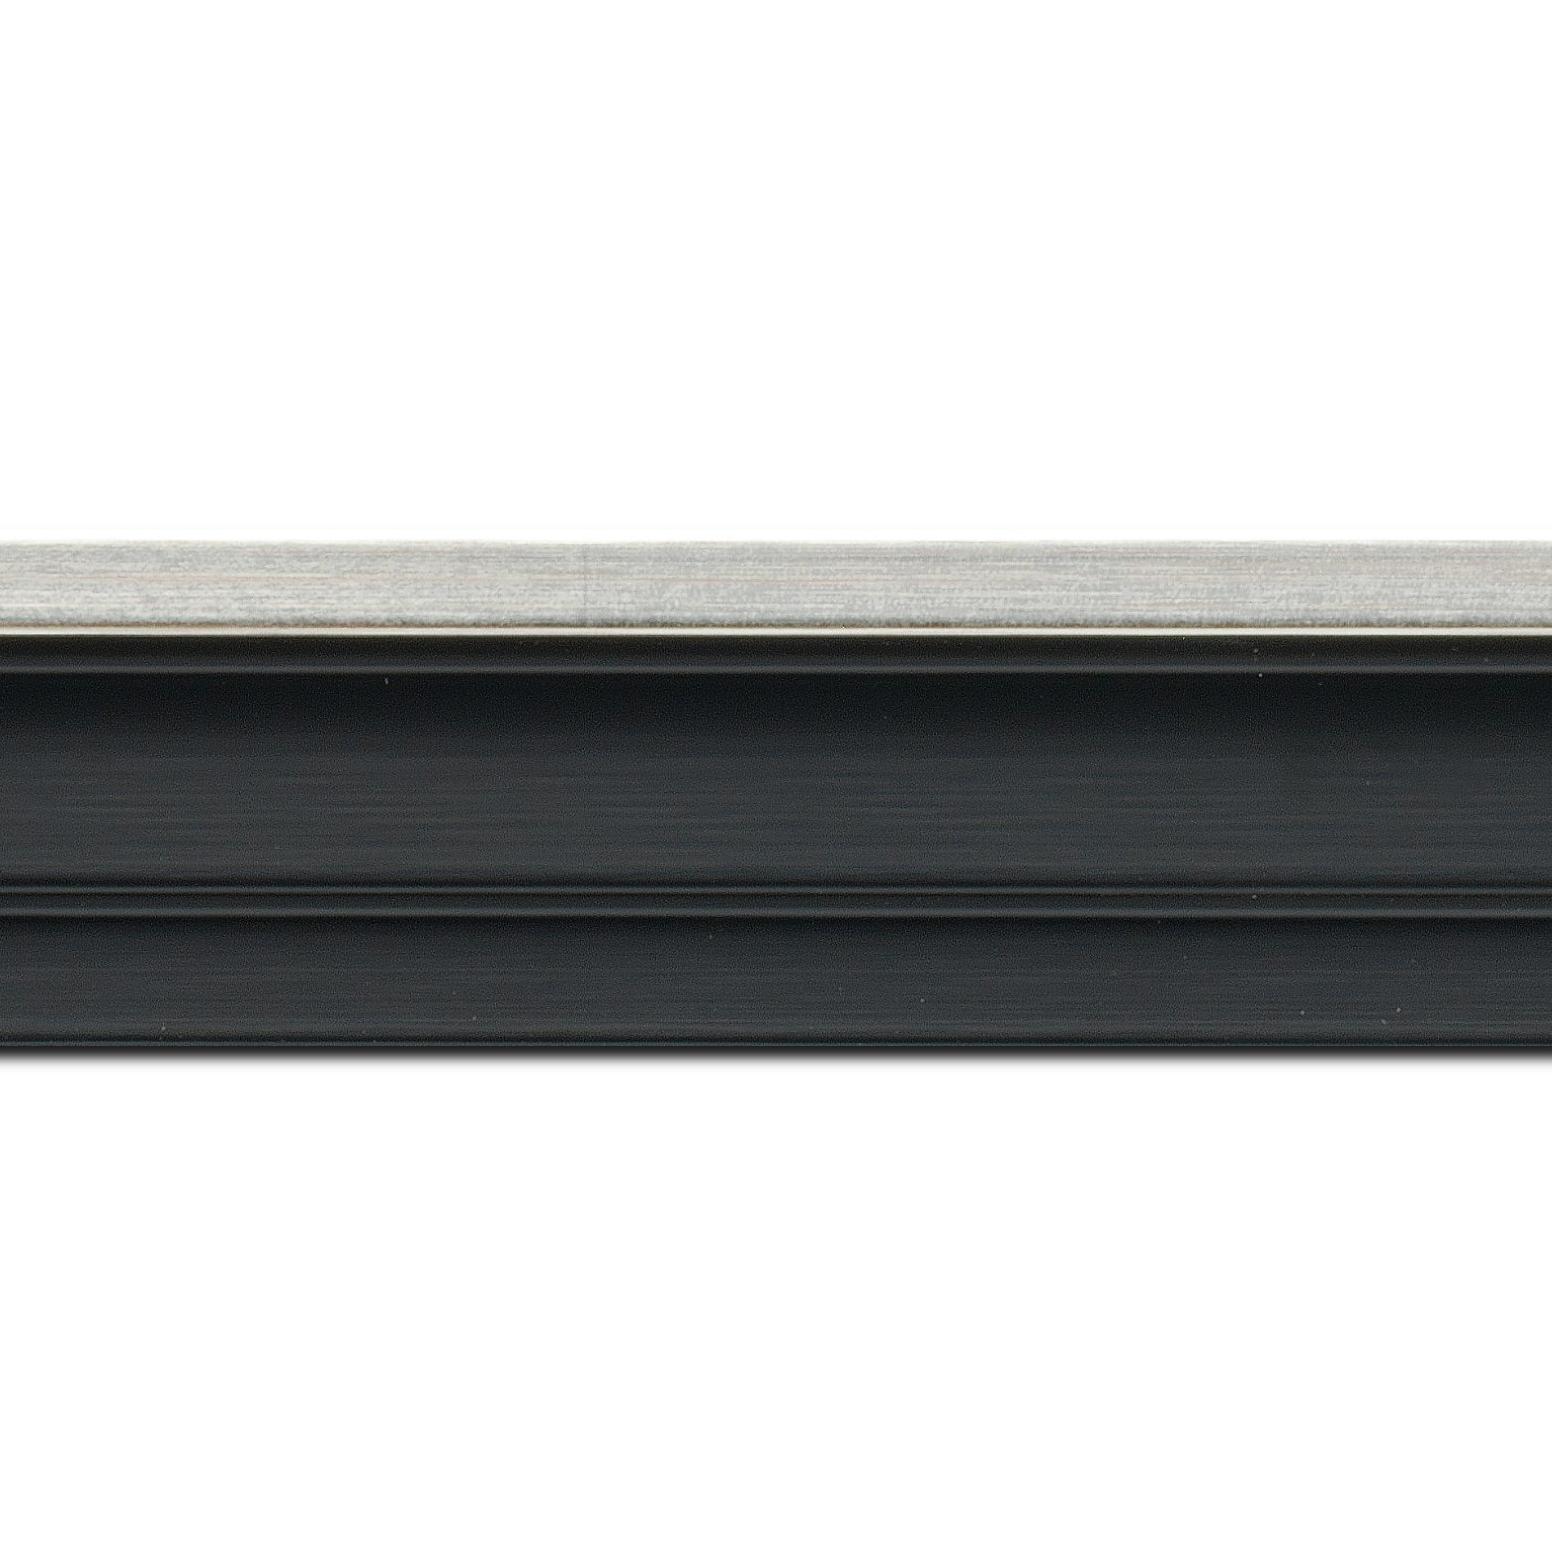 Baguette longueur 1.40m bois caisse américaine profil escalier largeur 4.4cm noir mat  filet argent (spécialement conçu pour les châssis d'une épaisseur jusqu'à 2.5cm )